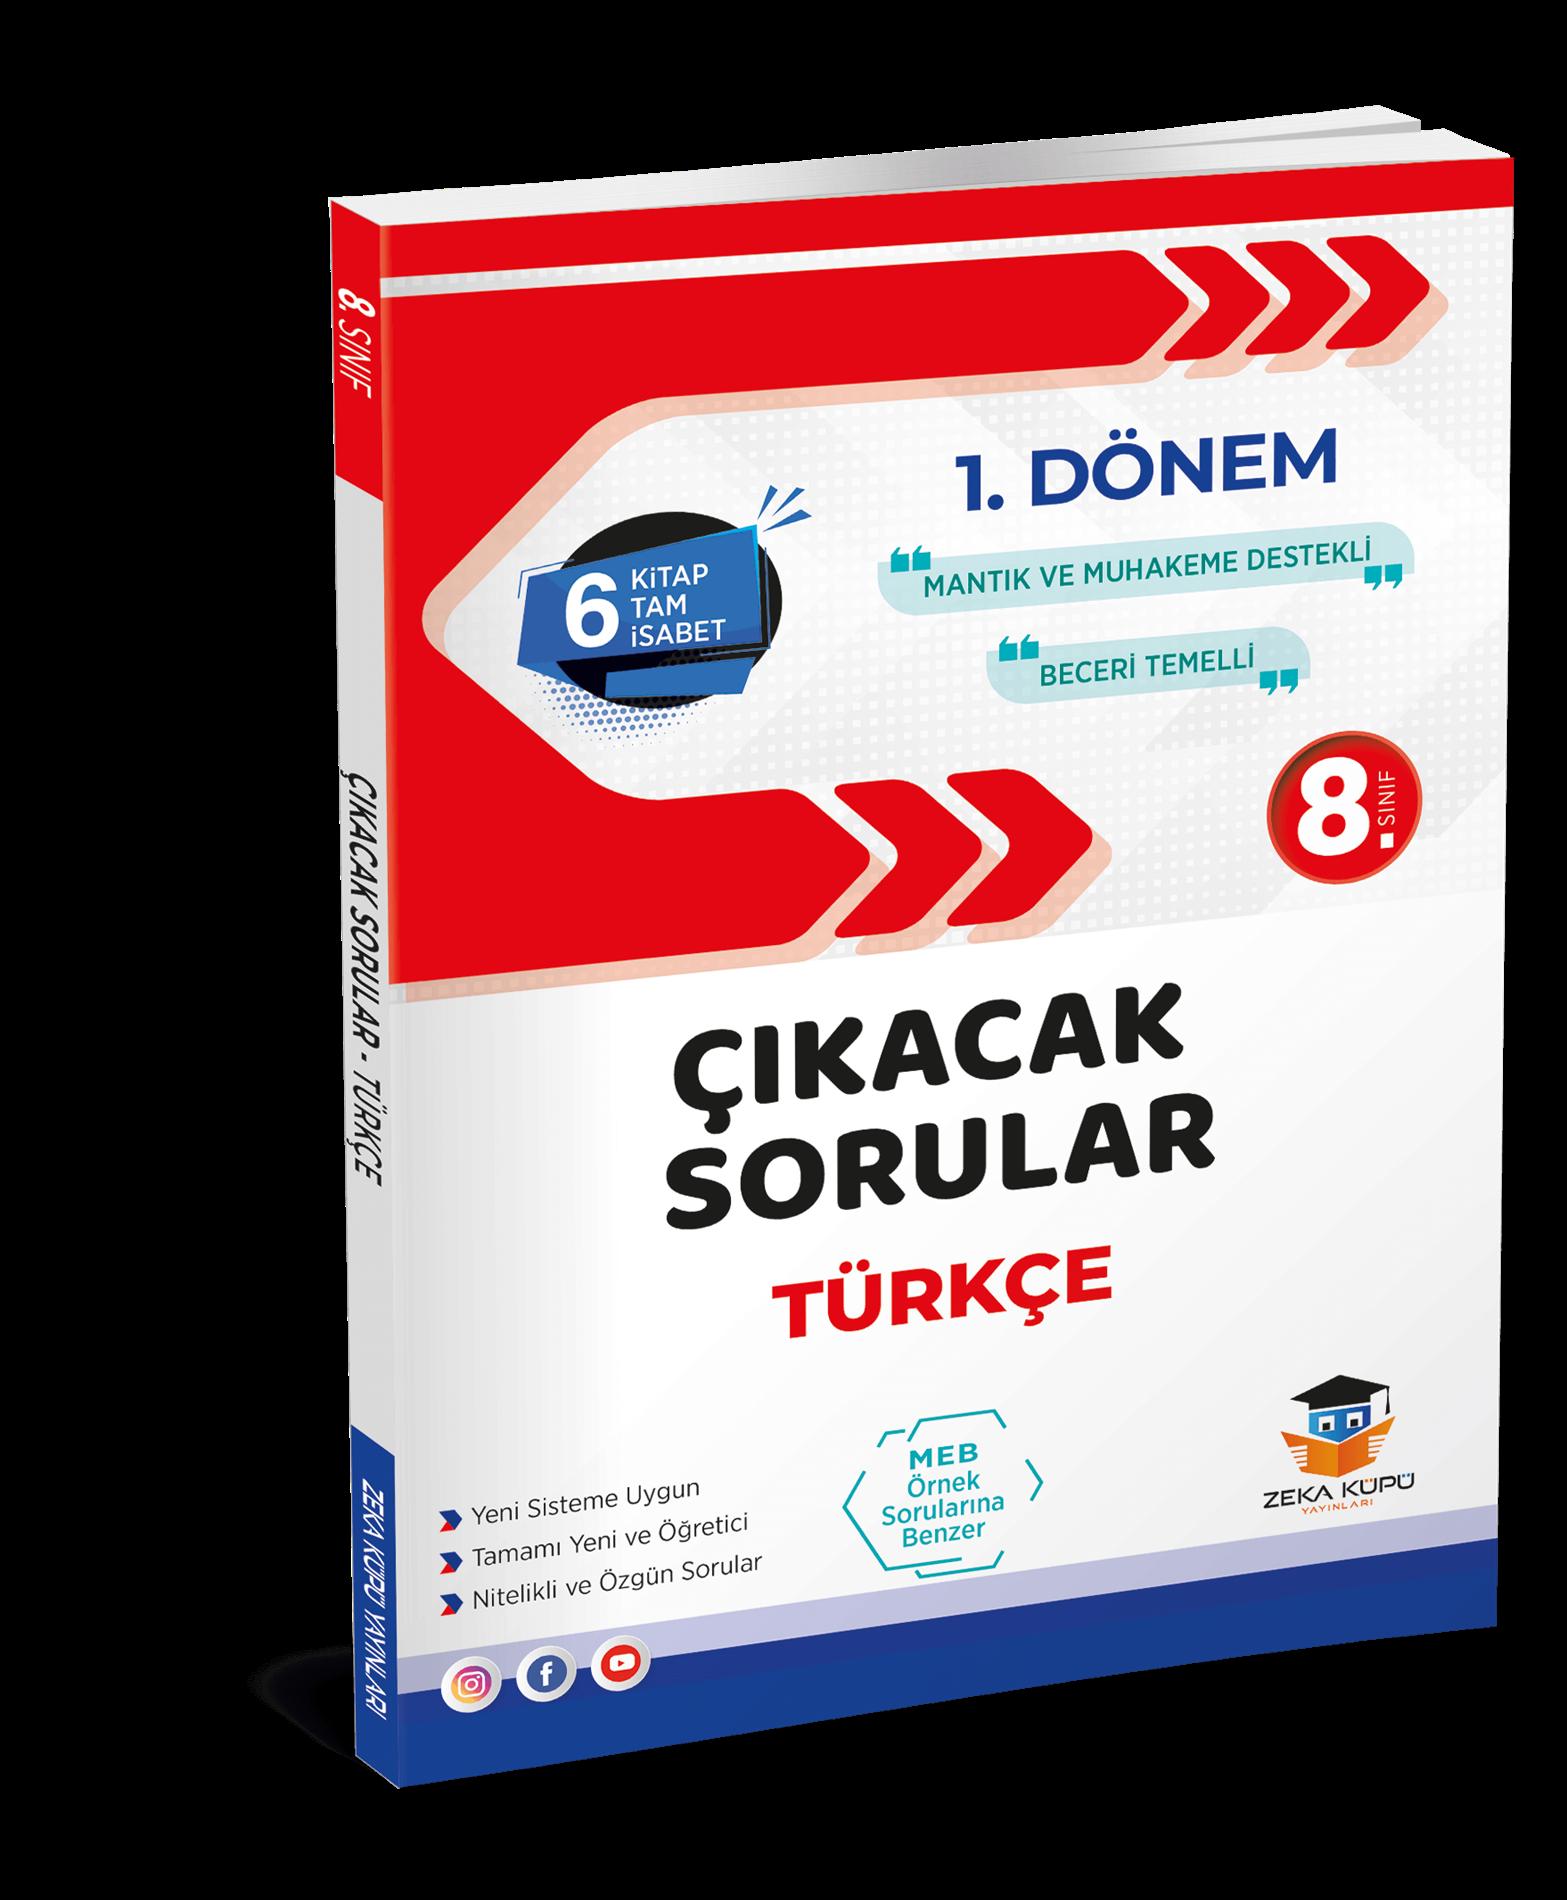 8. Sınıf Türkçe 1. Dönem Çıkacak Sorular Zeka Küpü Yayınları